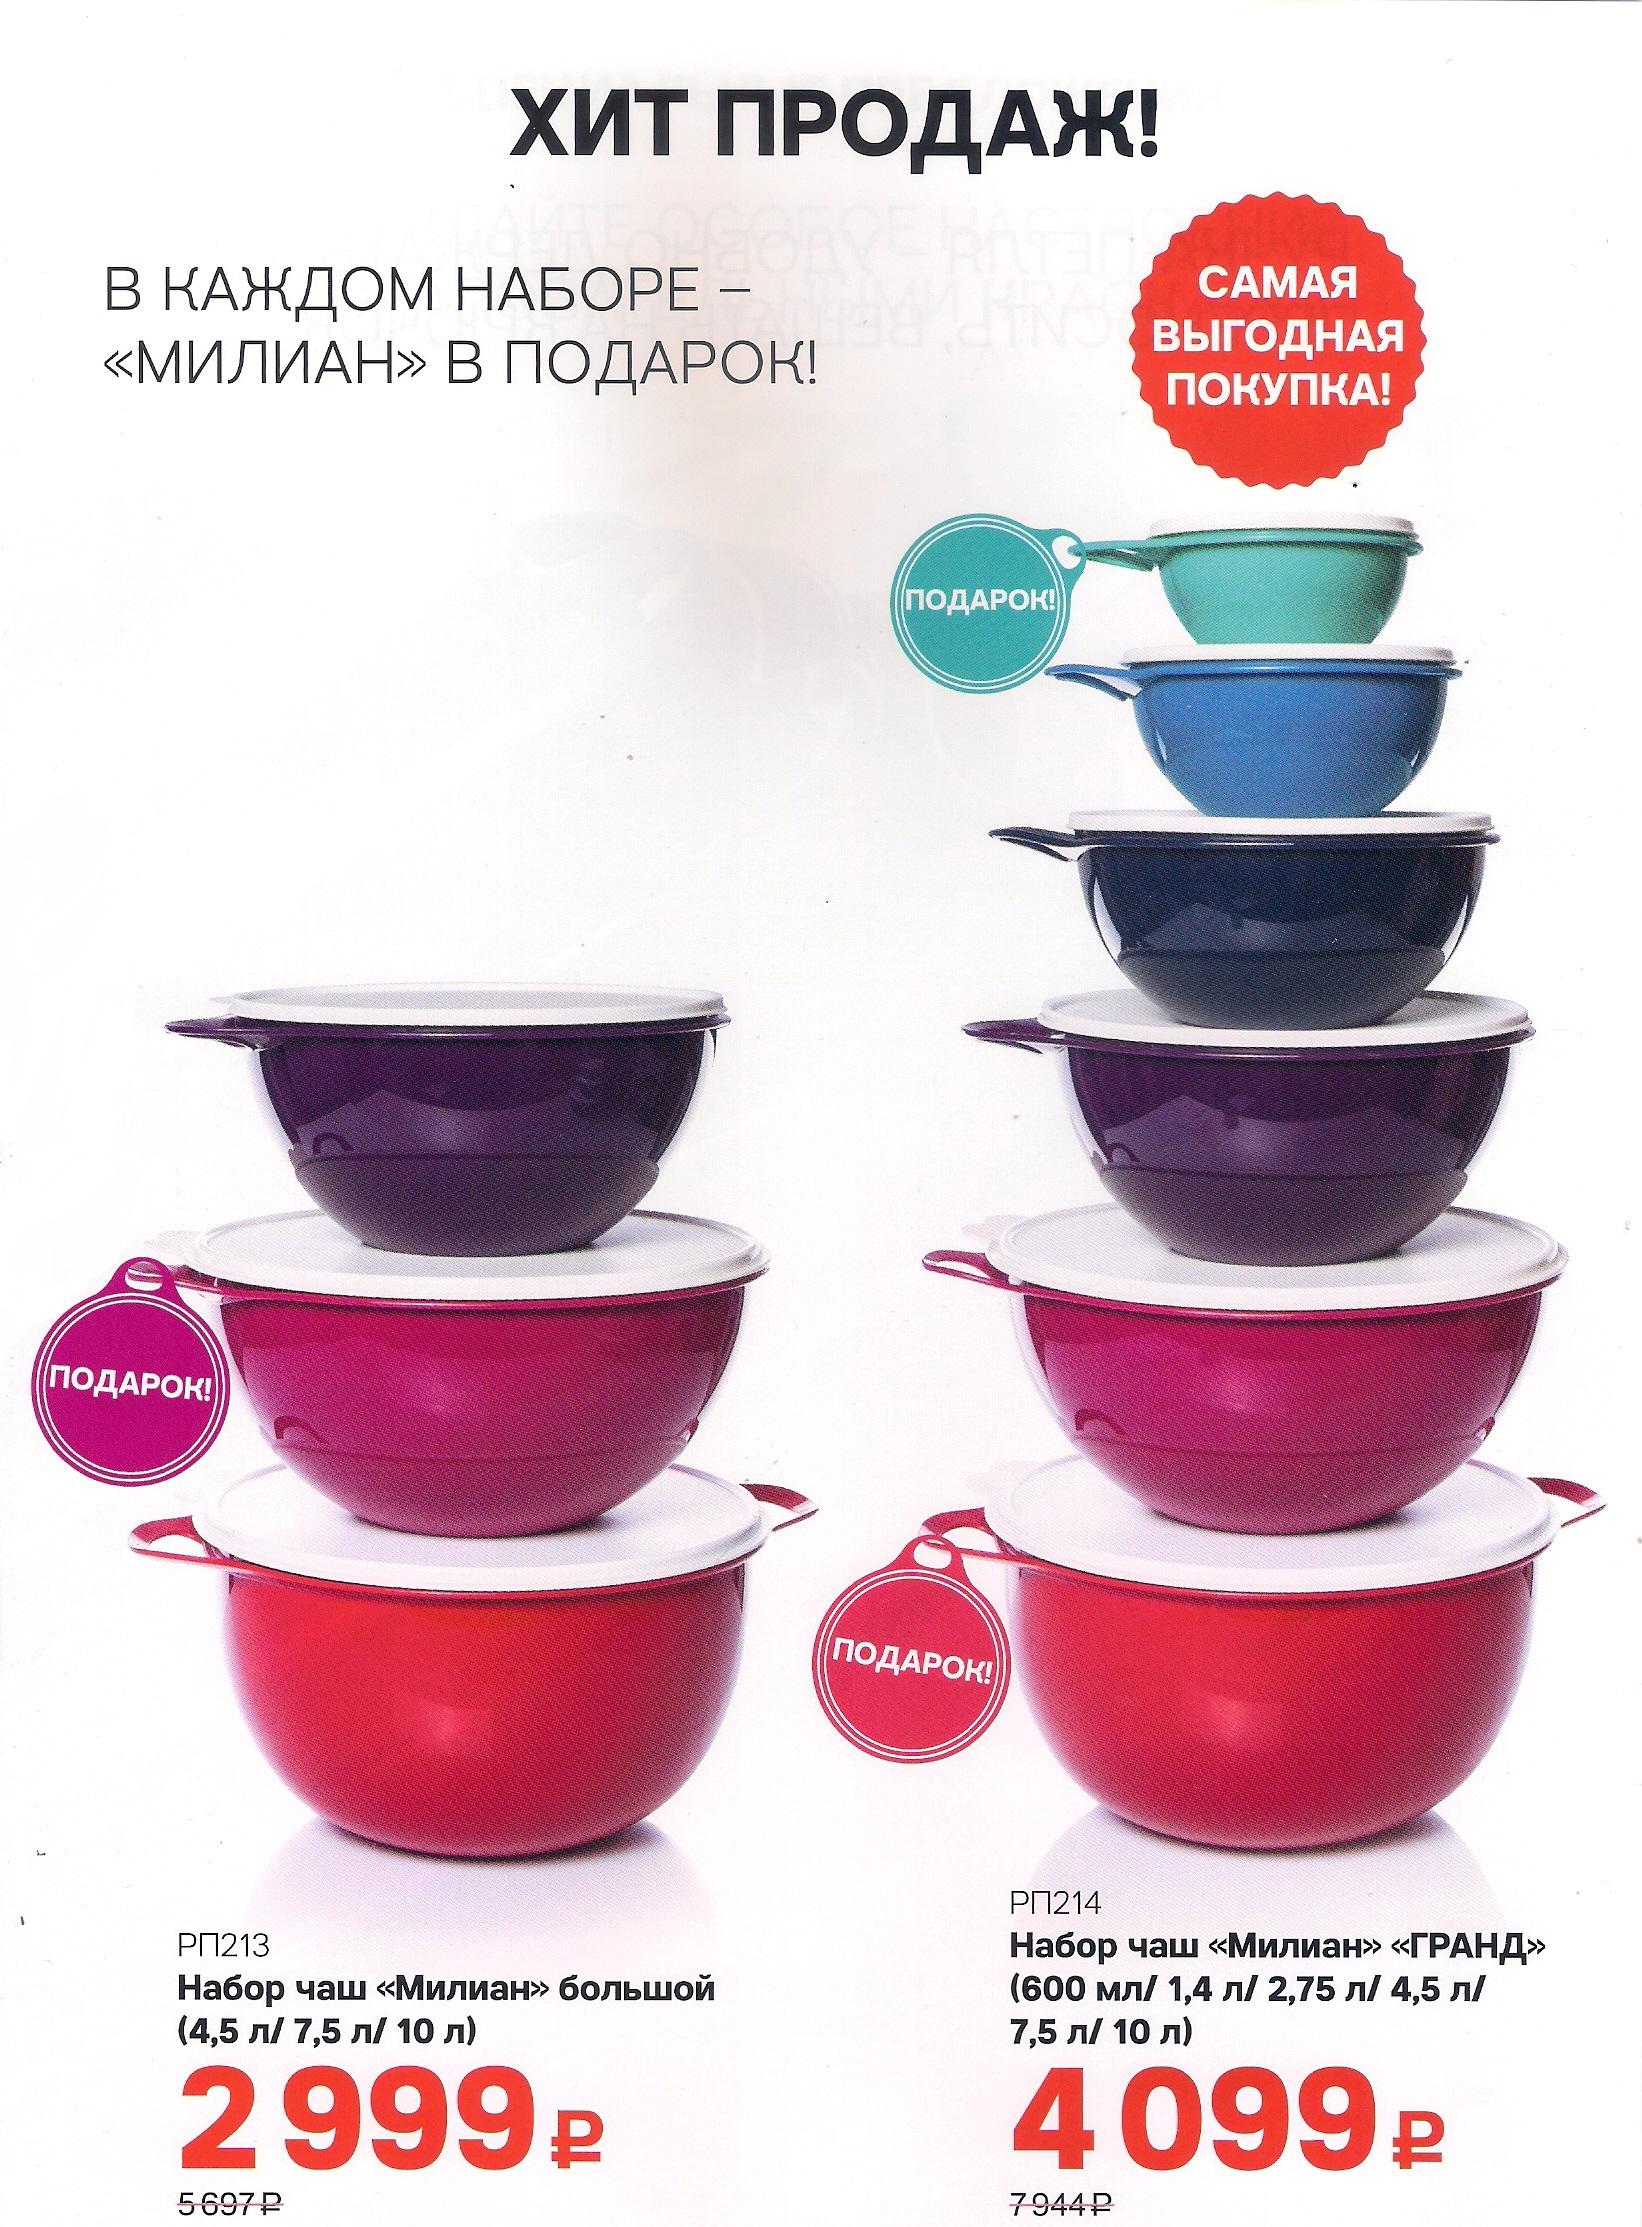 https://tupperware-online.ru/images/upload/5n.jpg